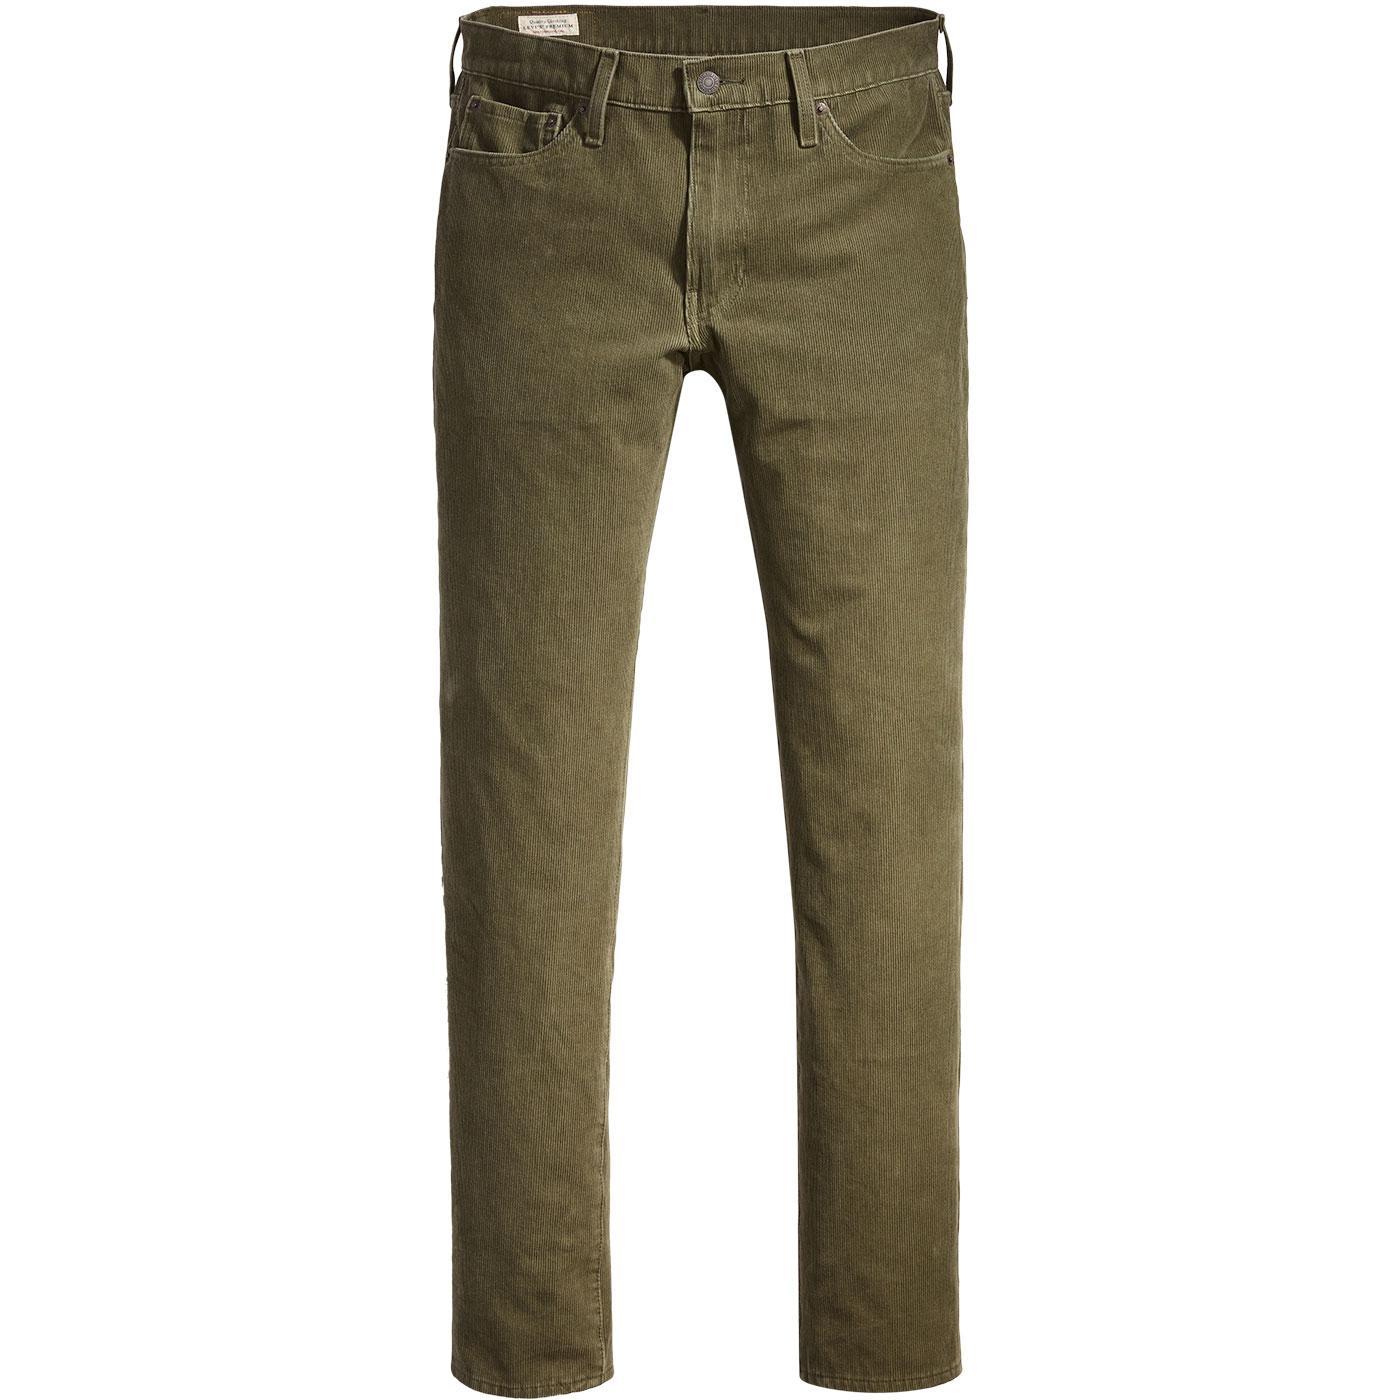 LEVI'S 511 Retro Mod Slim Cord Jeans (Olive Night)